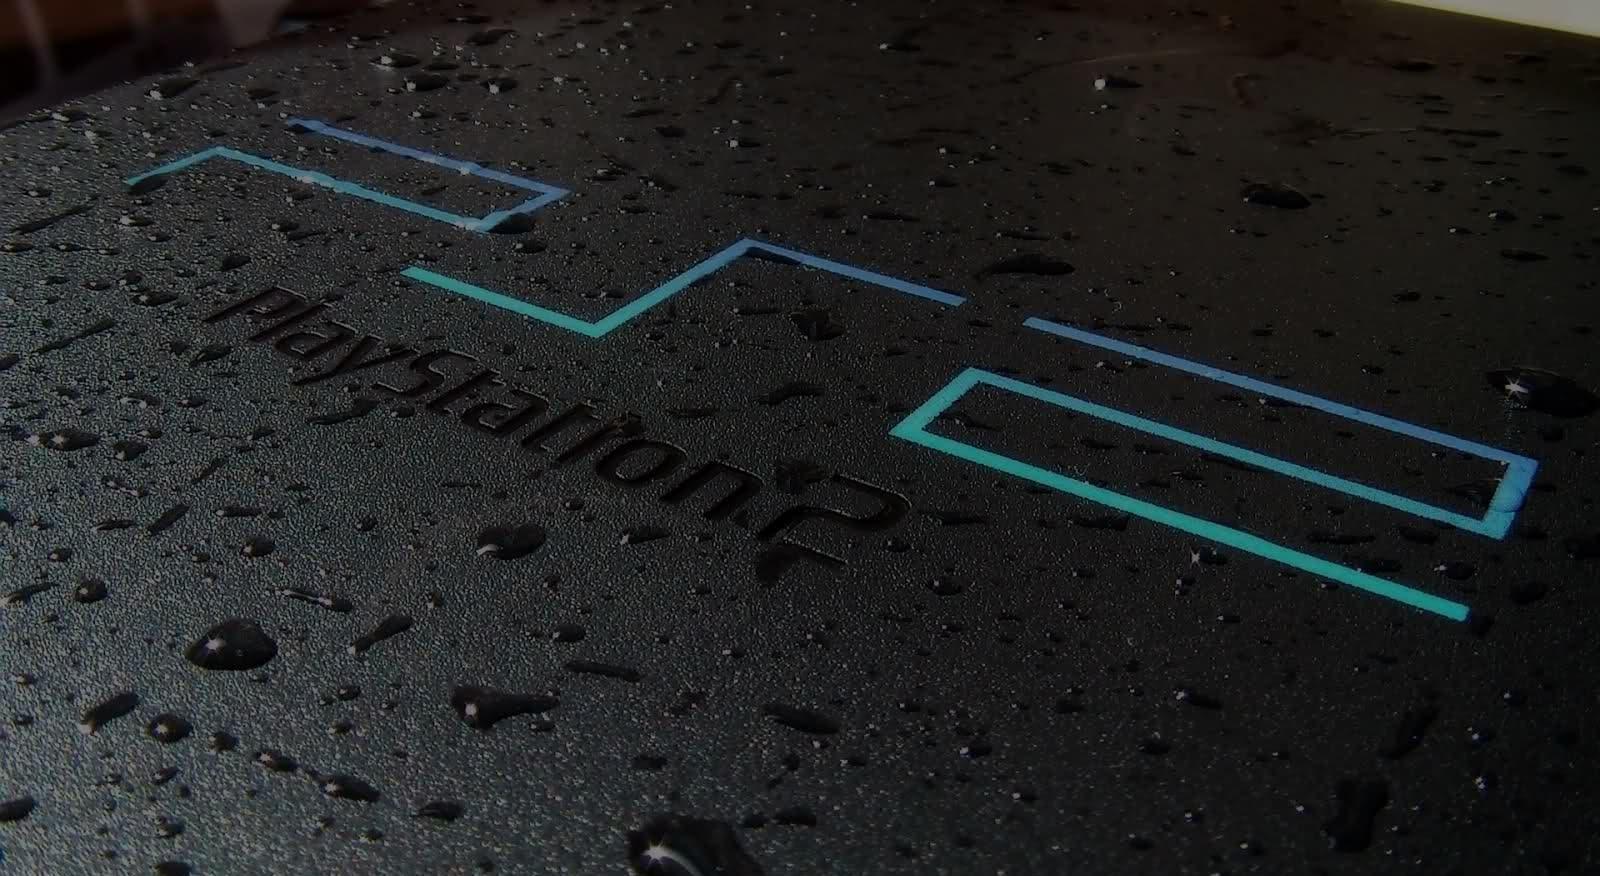 Imagen de Se cumplen 15 años del lanzamiento de PlayStation 2 en Norteamérica